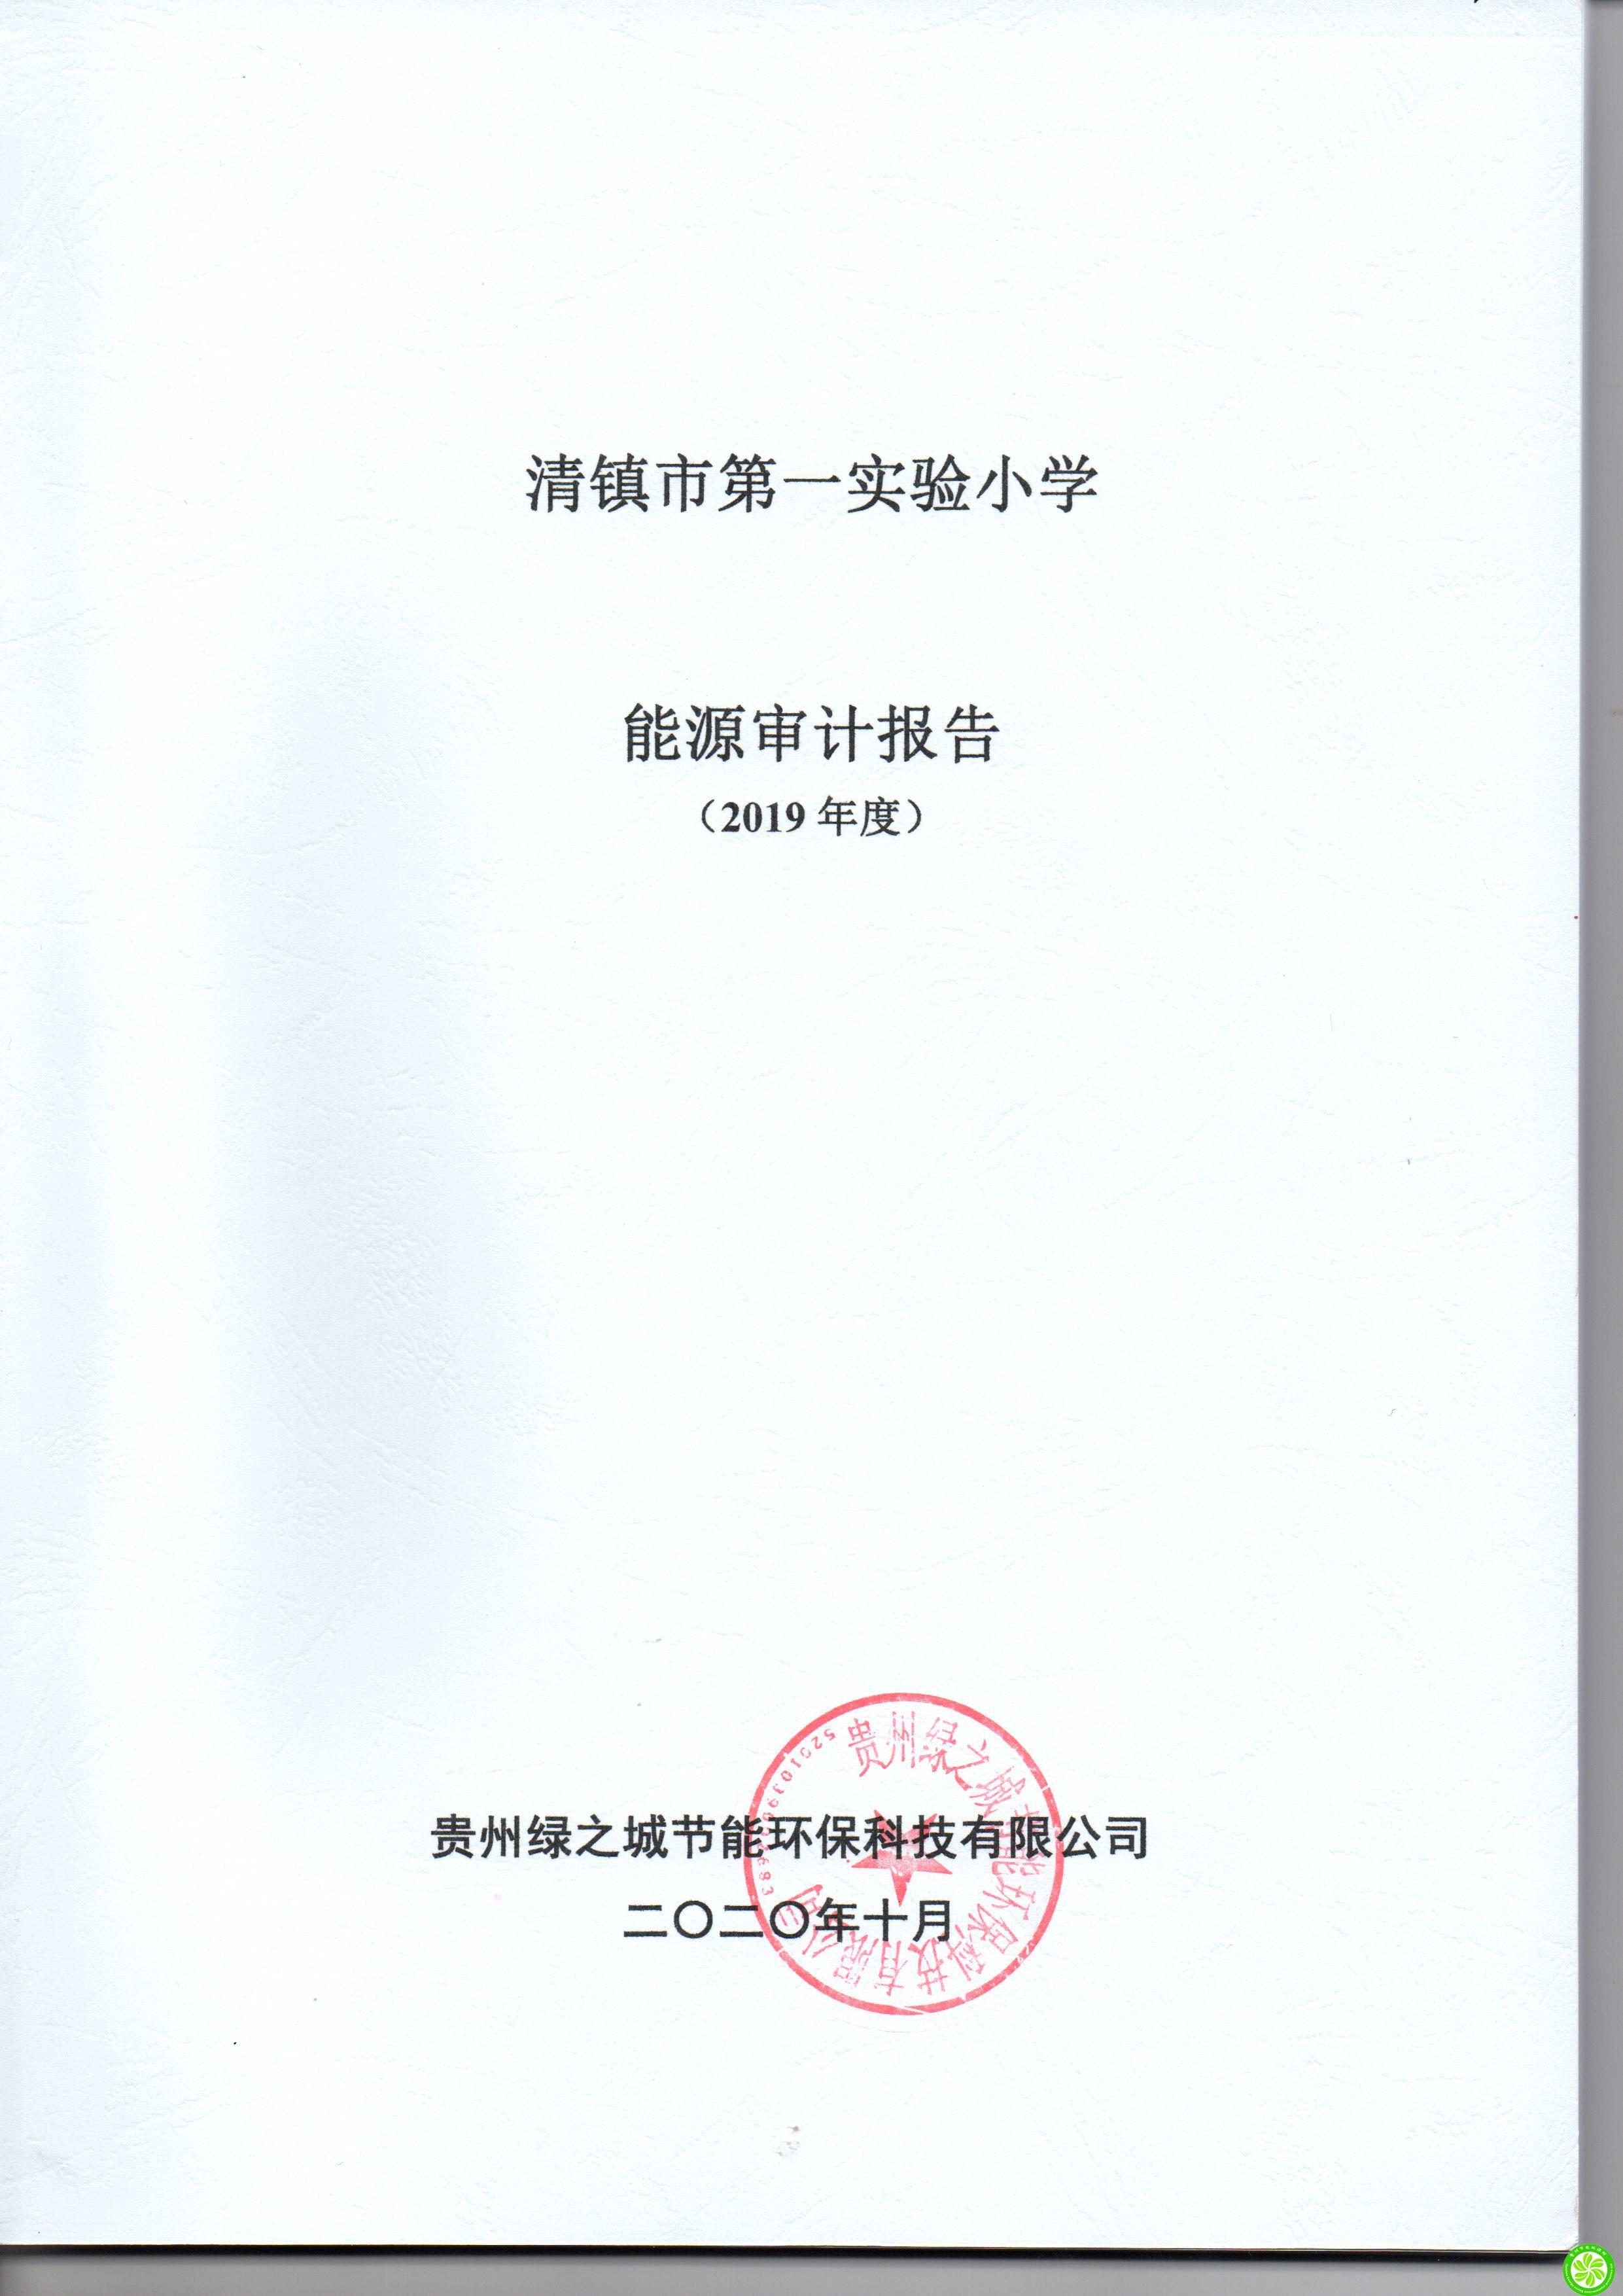 清镇市第一实验小学2019年度能审计报告